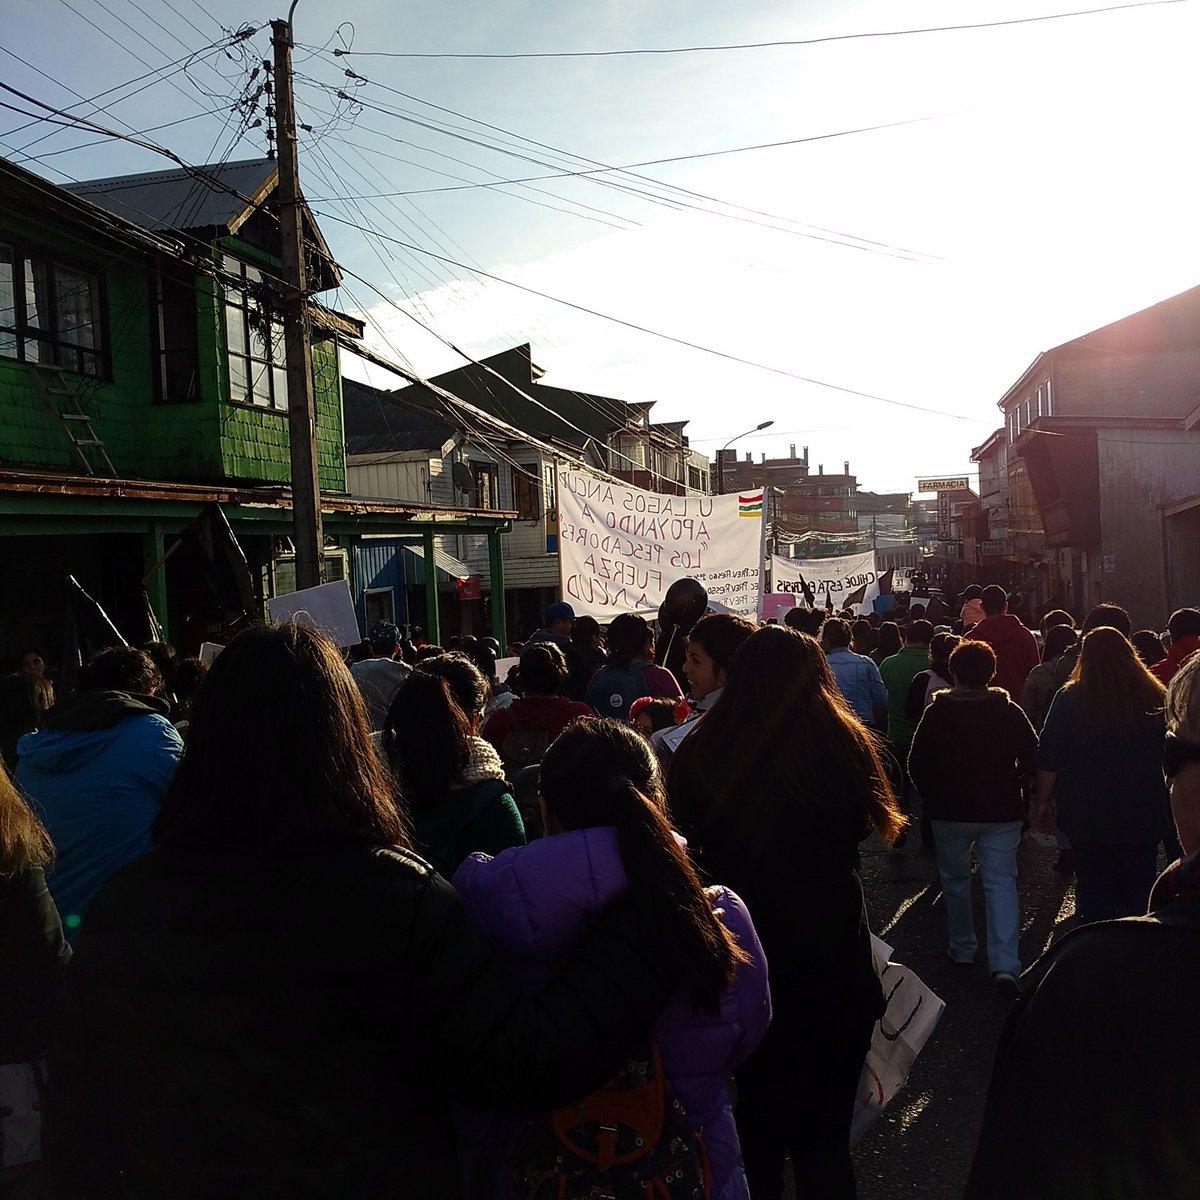 Marchando por los pescadores chilotes #chiloeestaprivao #NoMasAbuso https://t.co/TTSCaR0lct